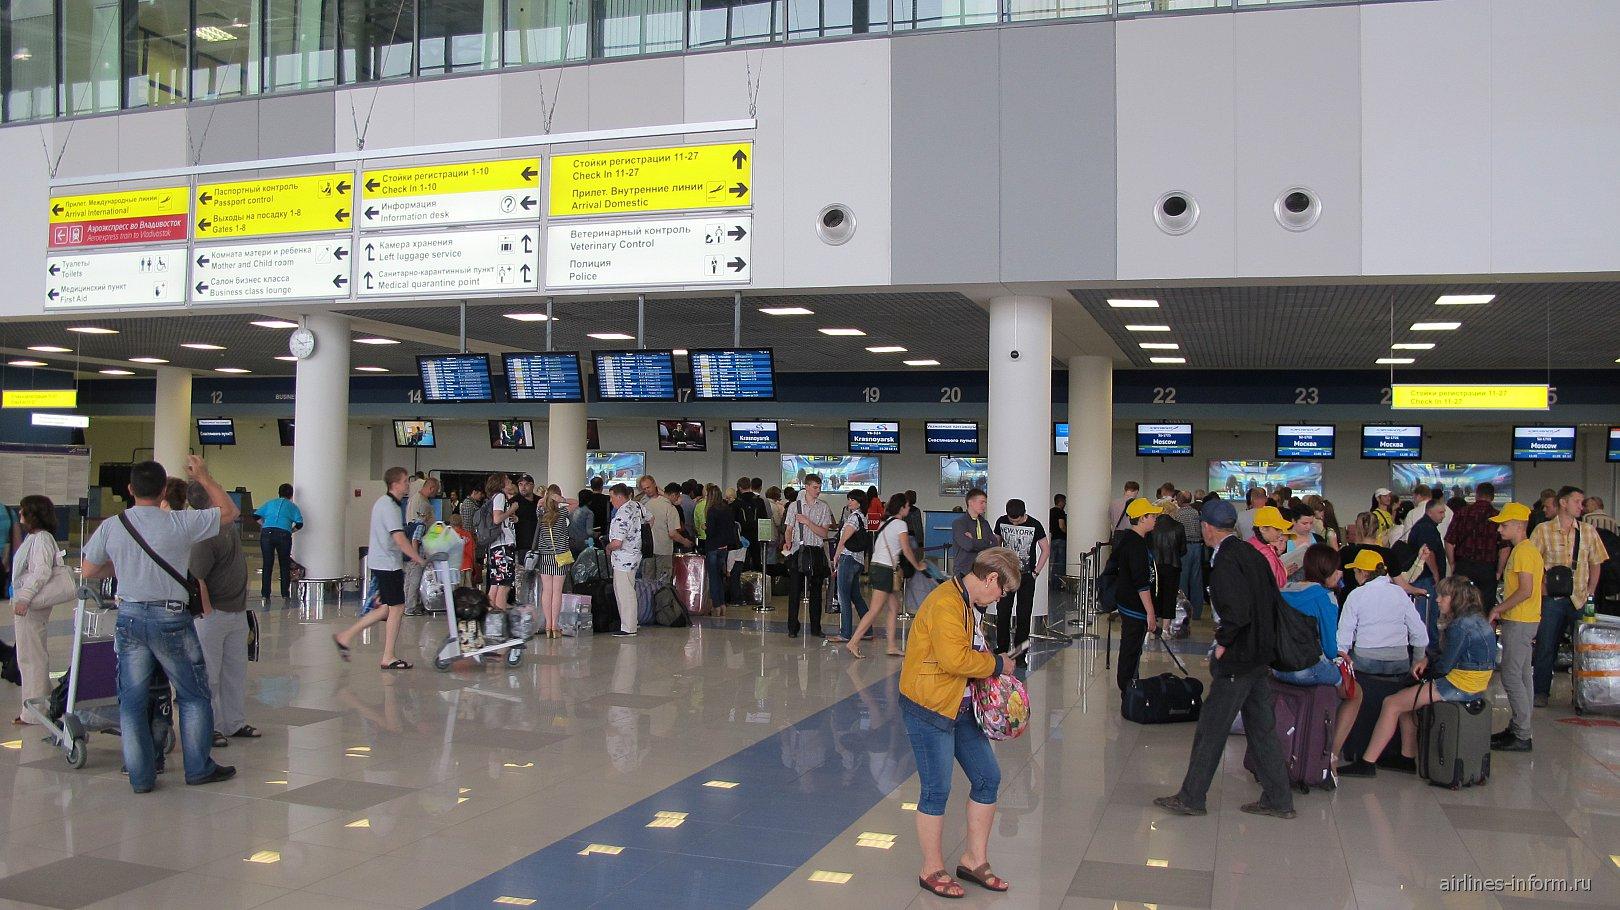 Стойки регистрации в аэропорту Владивостока